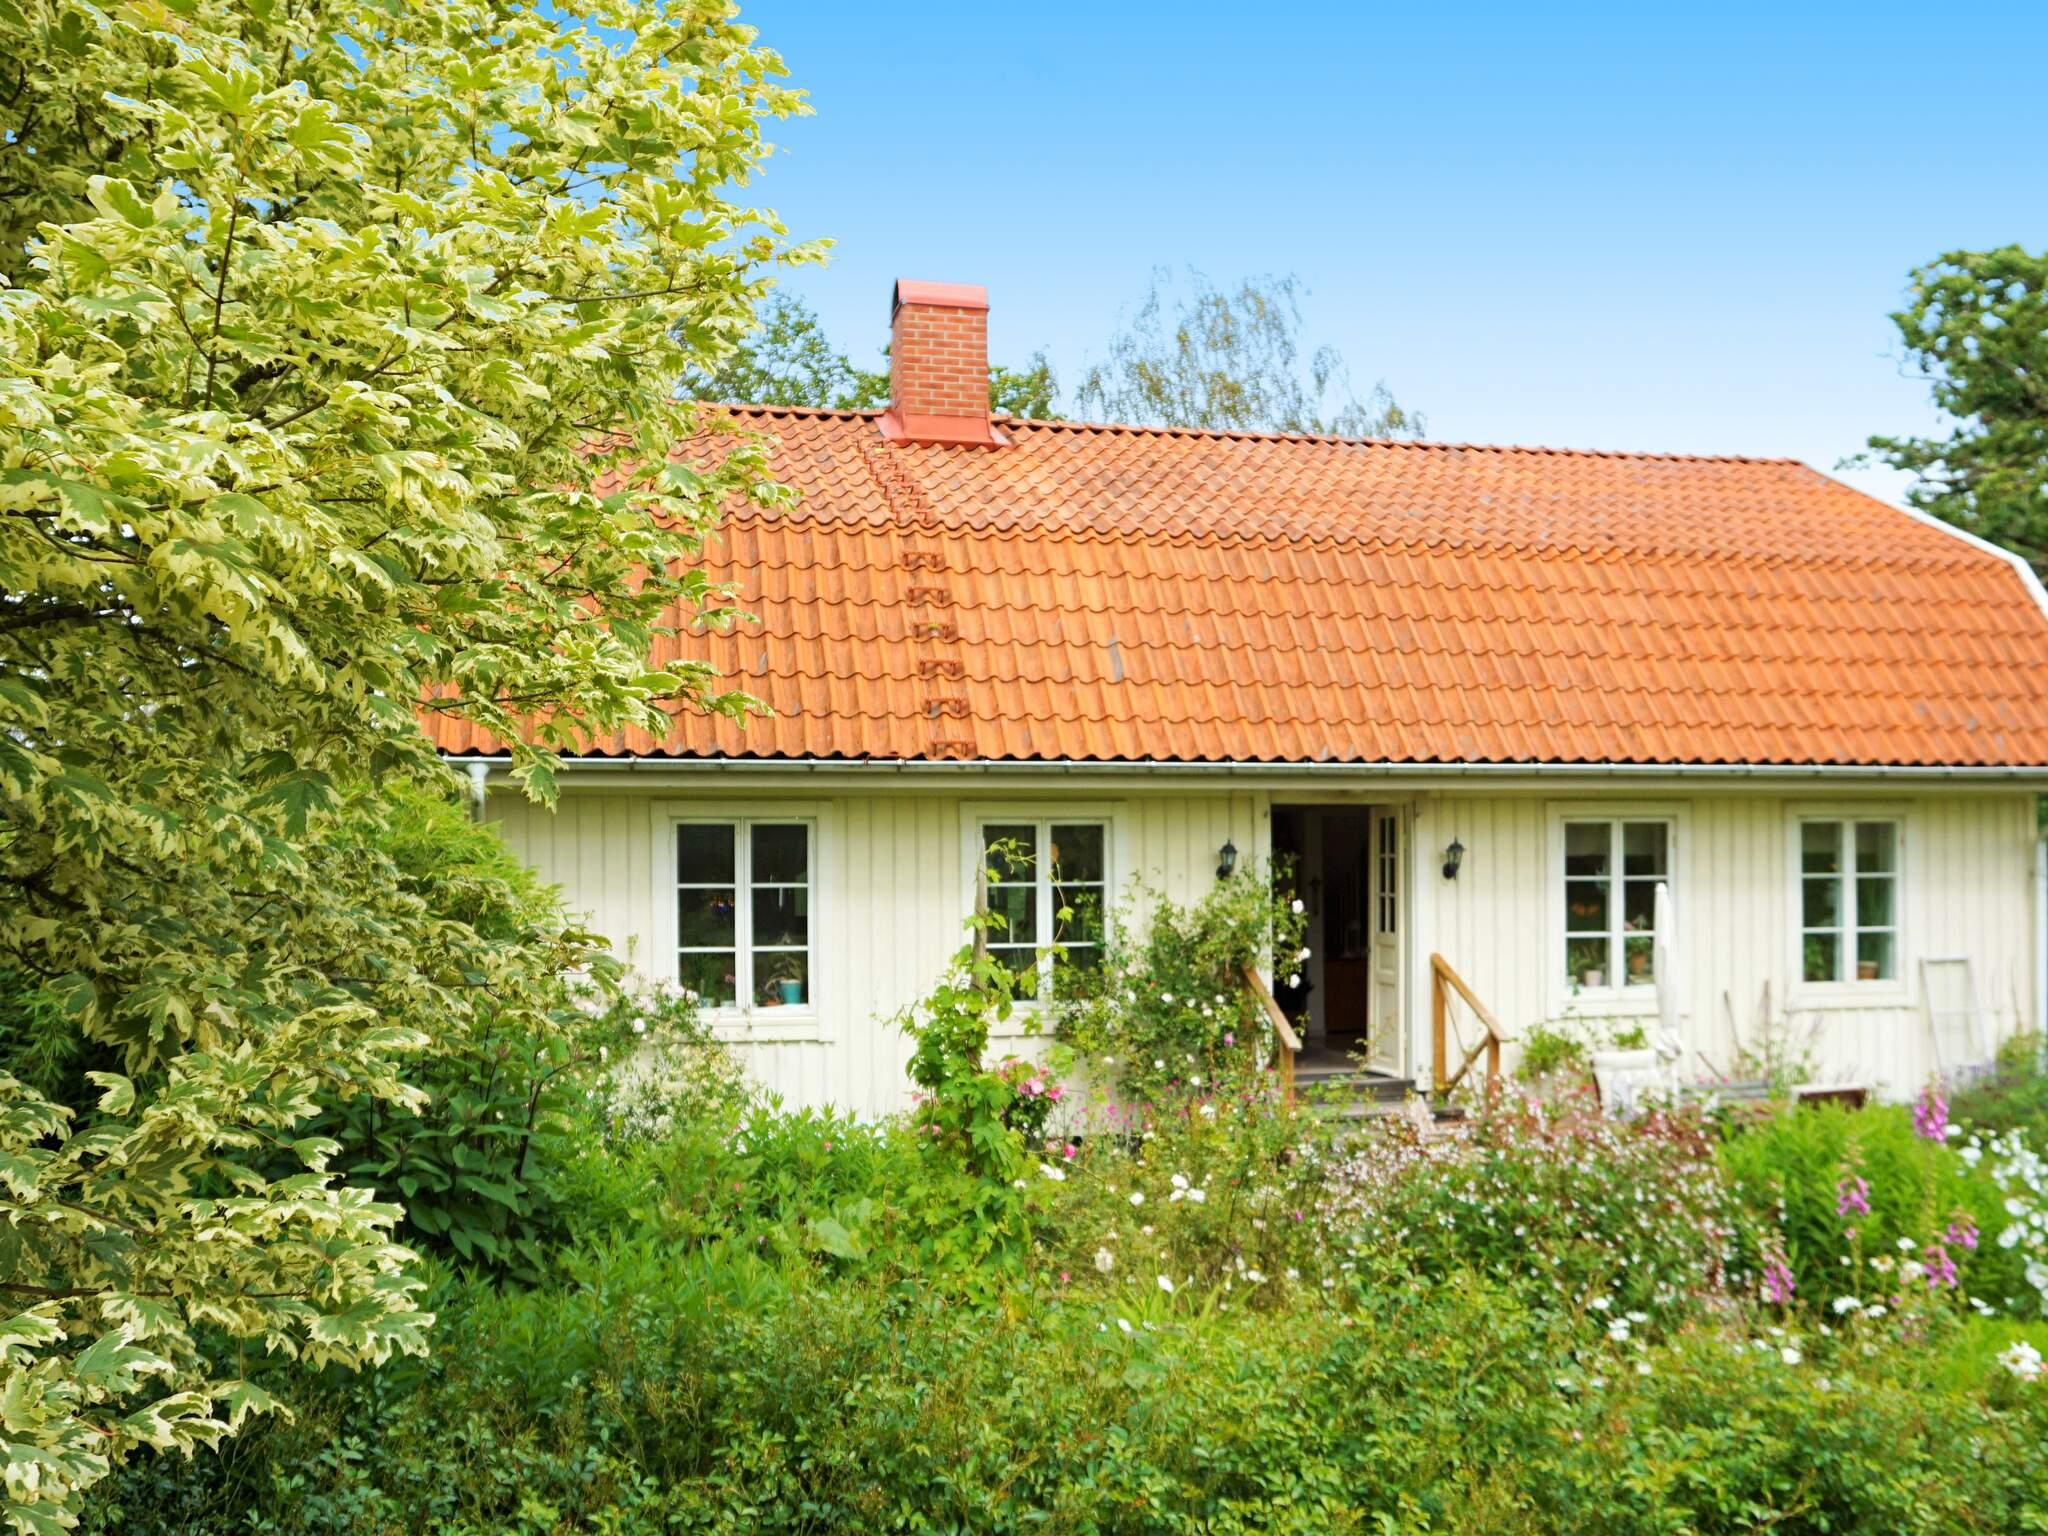 Ferienhaus Munkedal (2644651), Munkedal, Västra Götaland län, Westschweden, Schweden, Bild 28